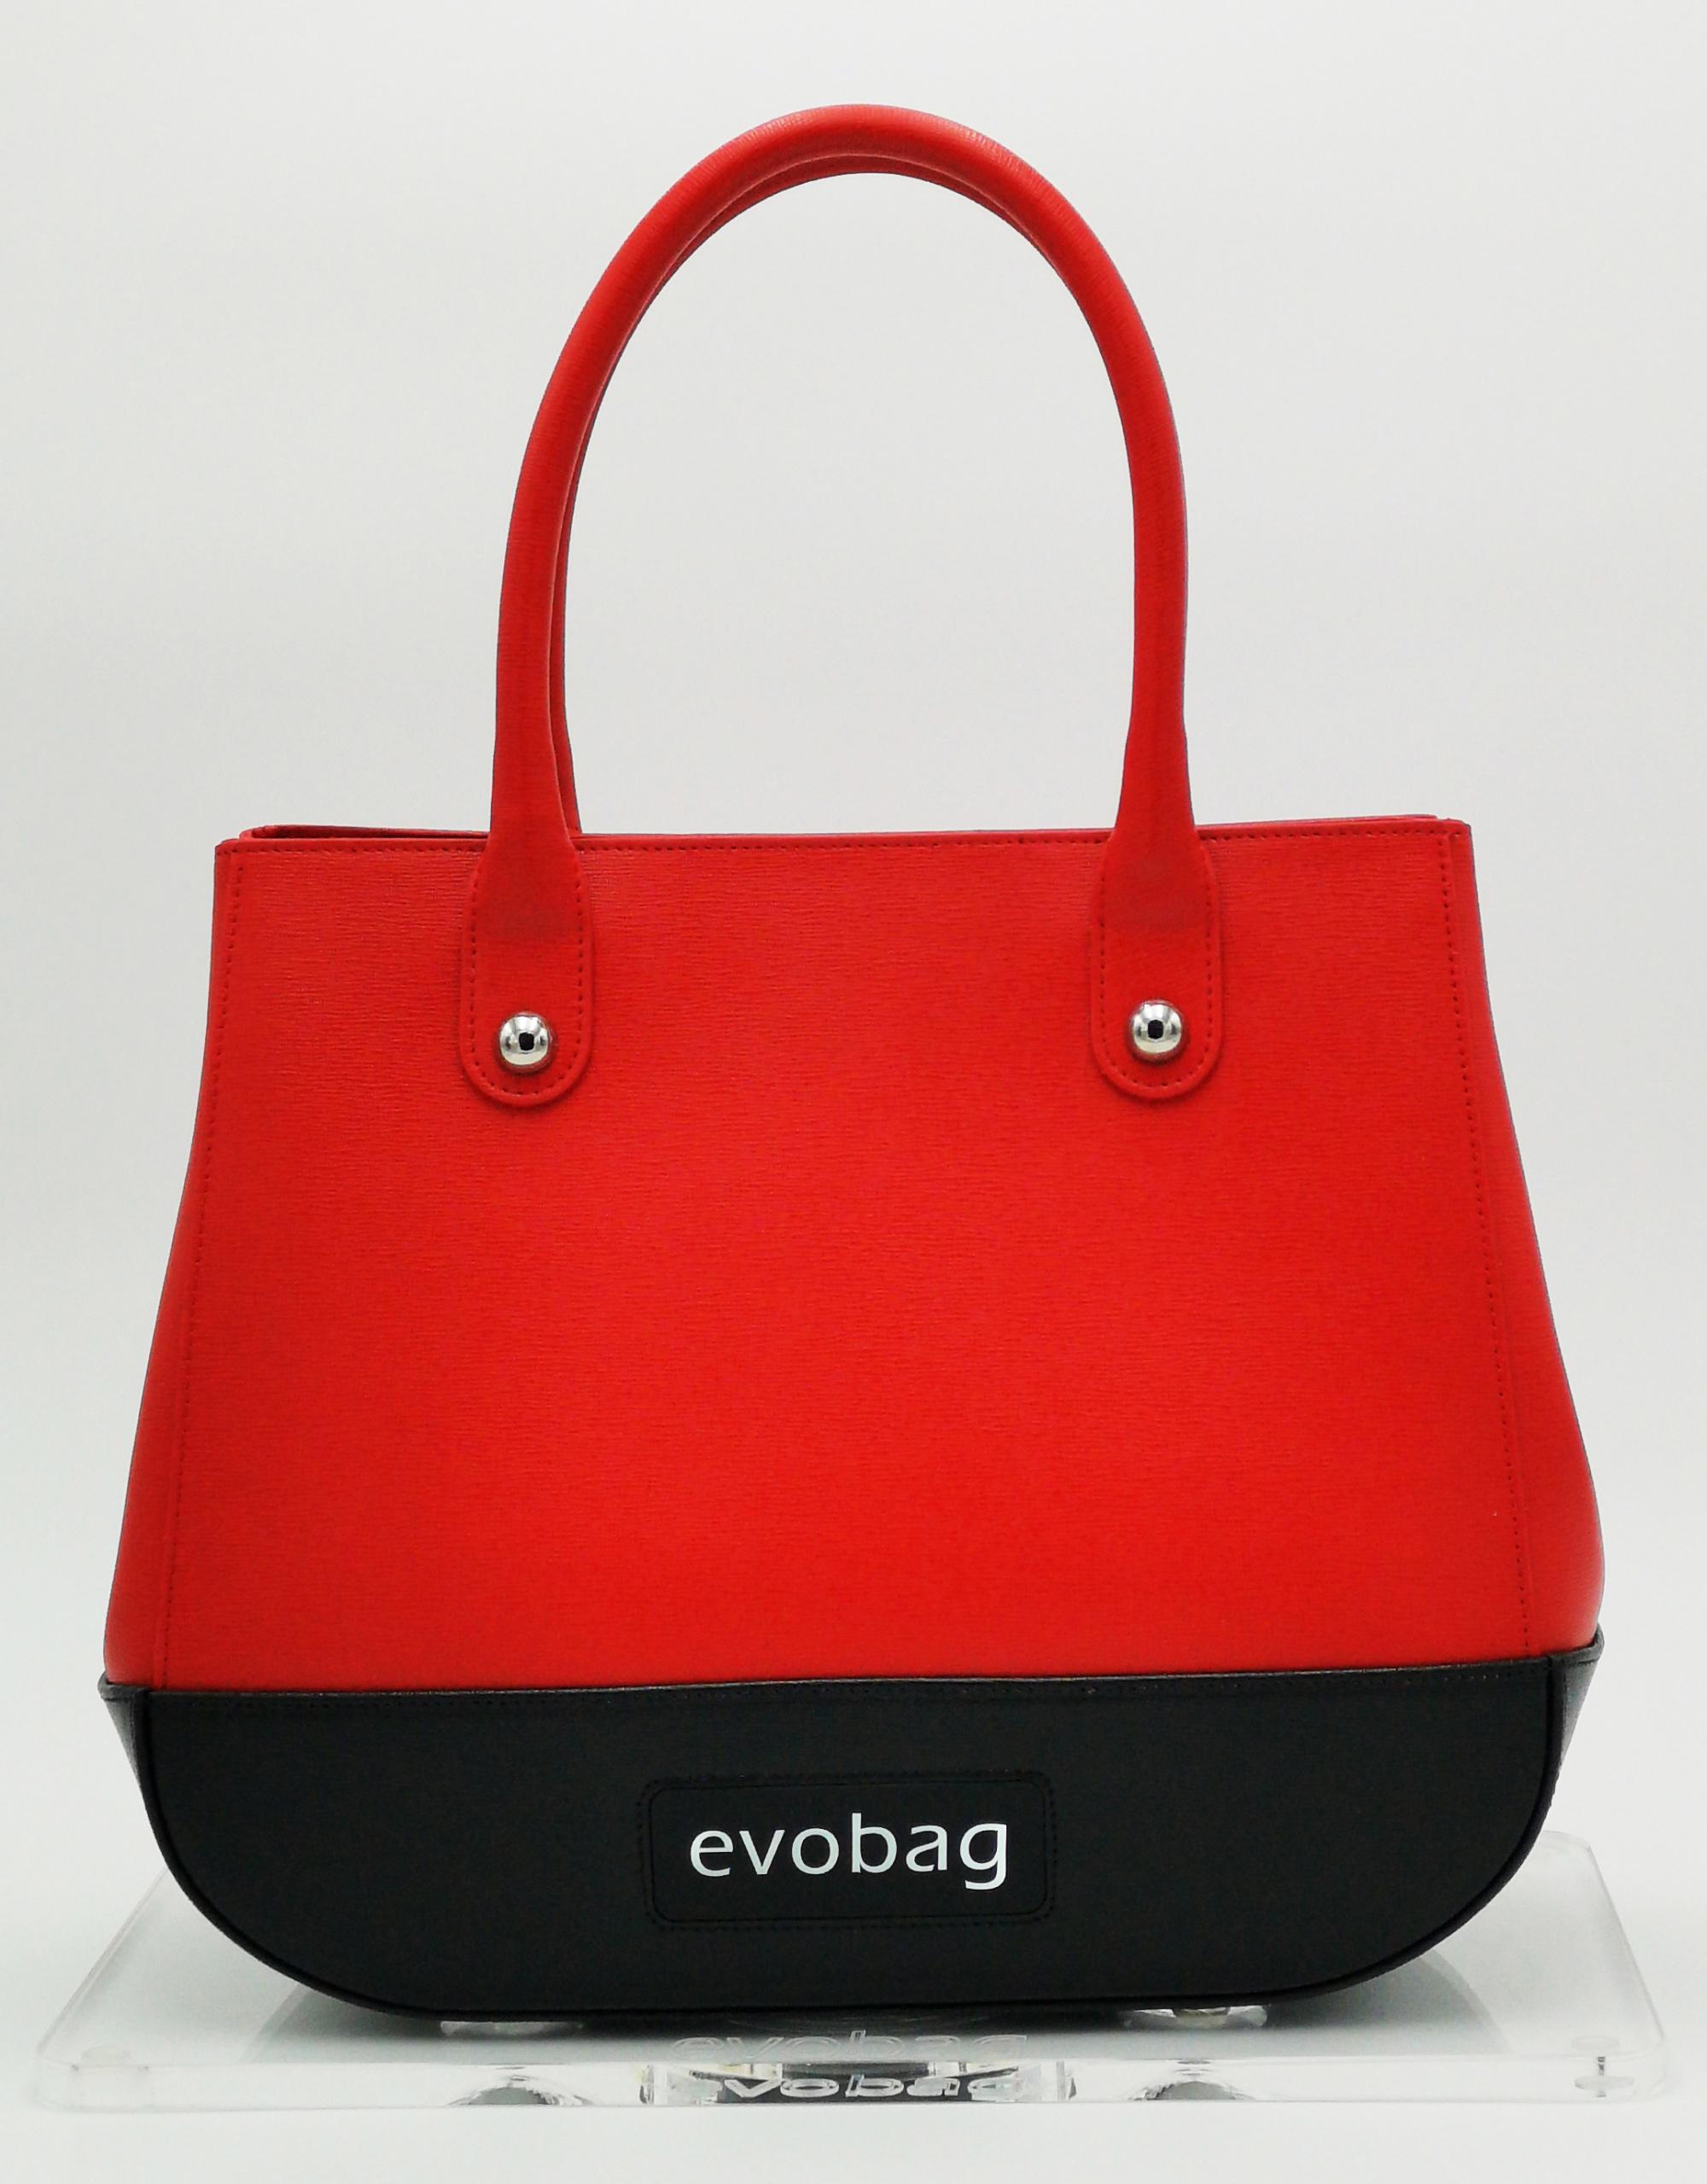 Evobag